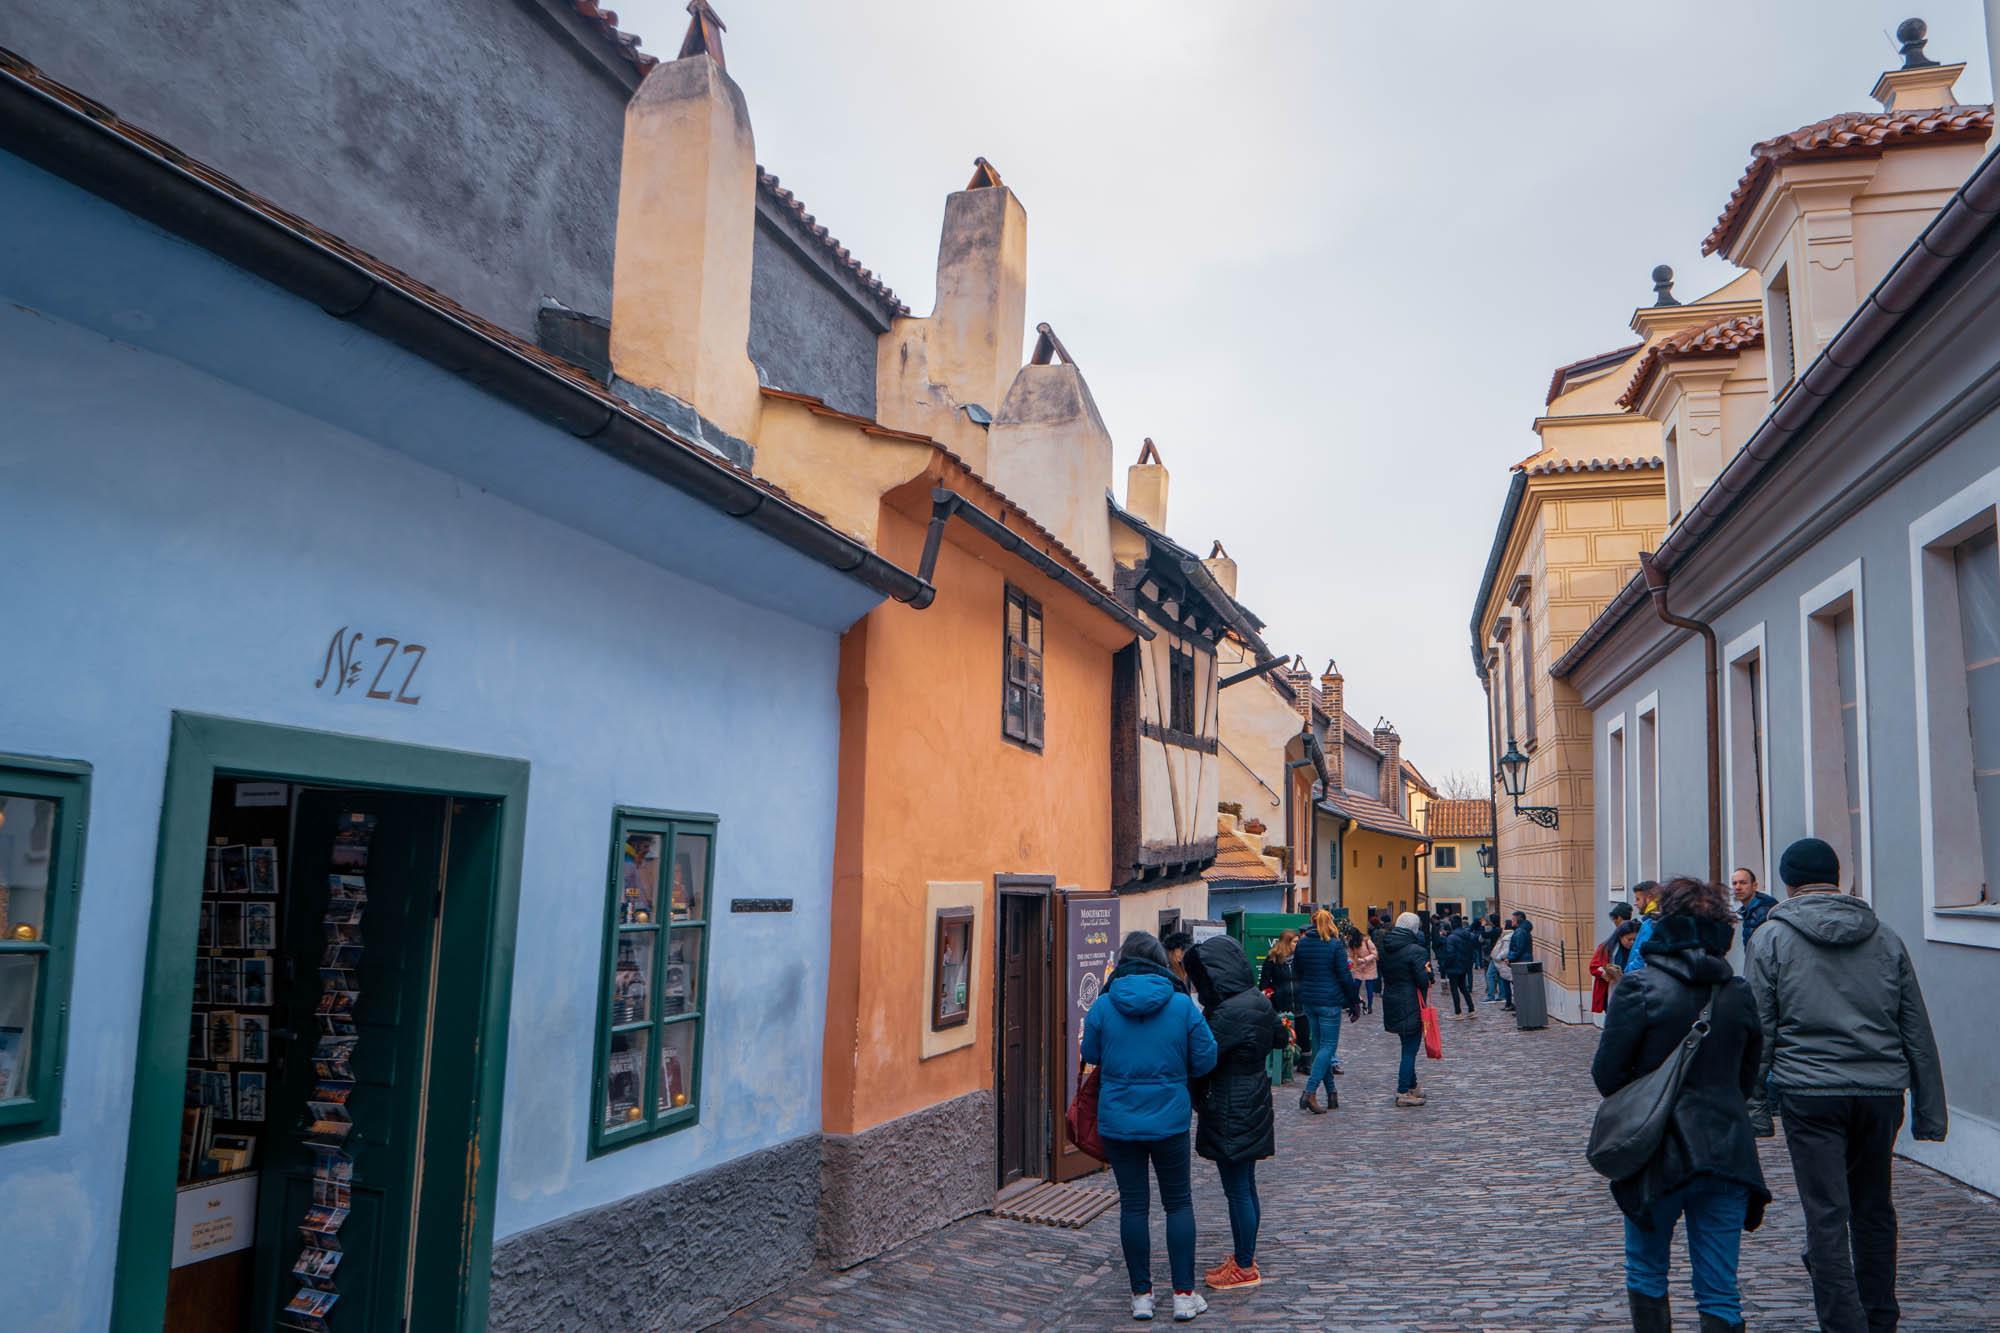 La pittoresque Ruelle d'Or à Prague